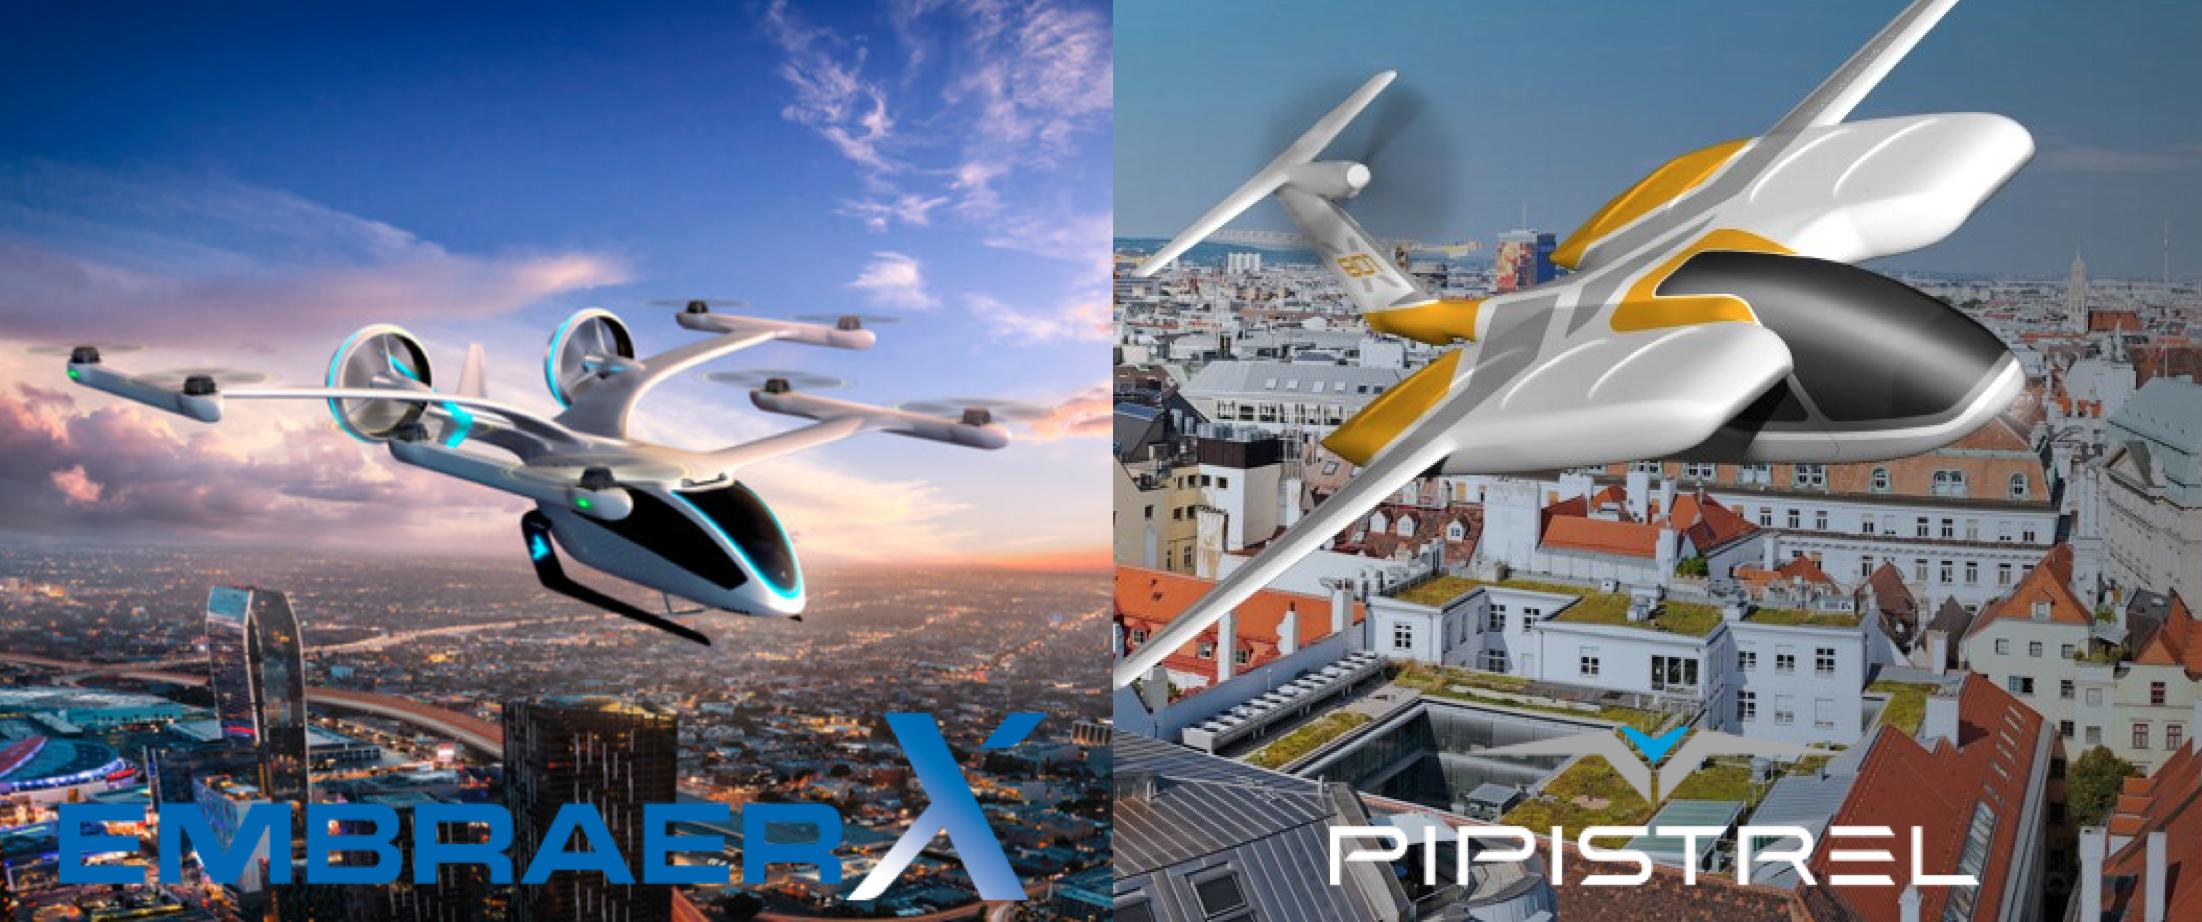 Uber Air EmbraerX Pipisterel